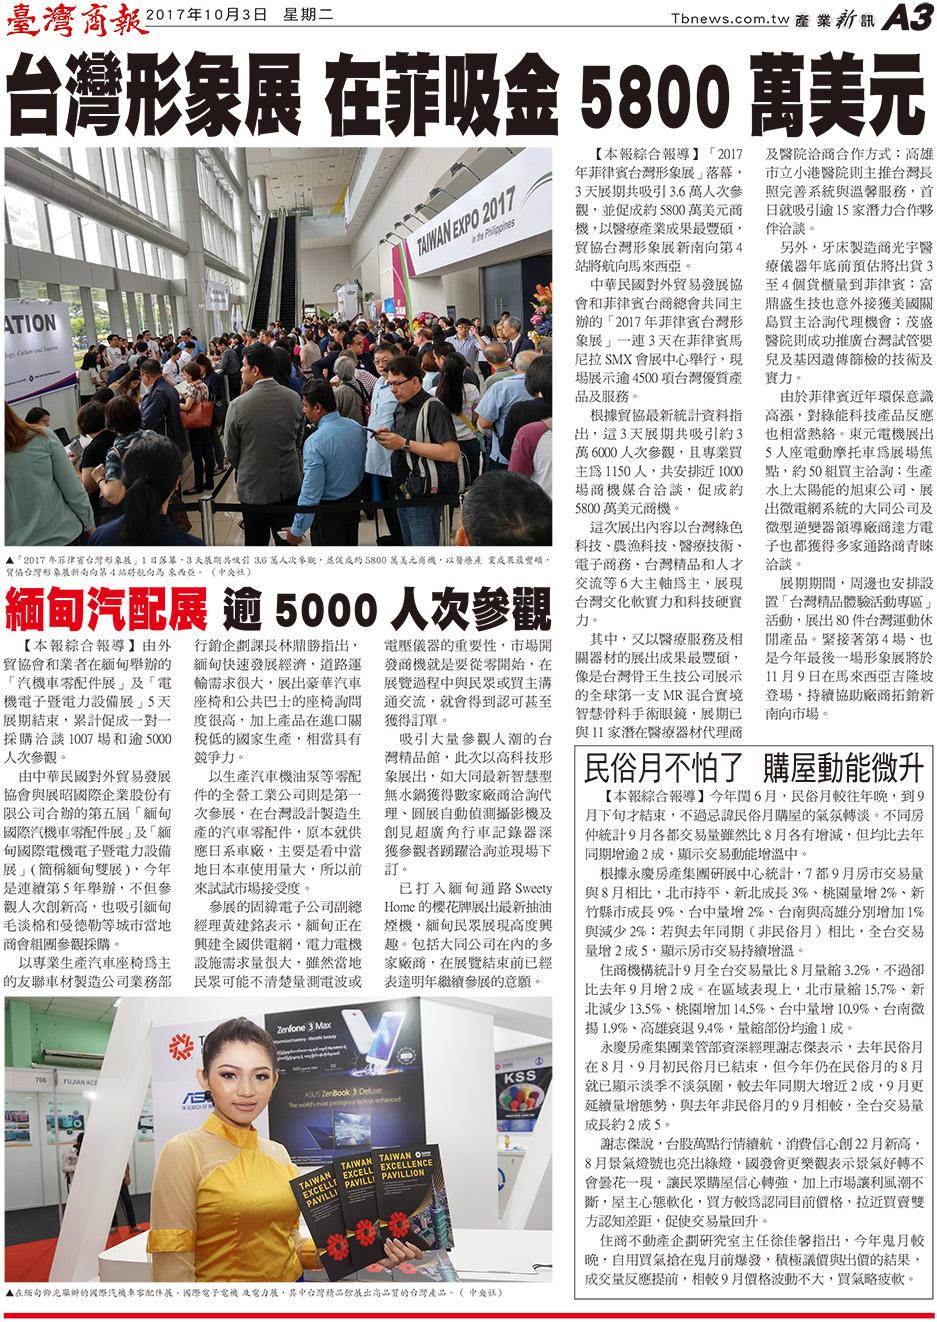 台灣形象展 在菲吸金 5800 萬美元